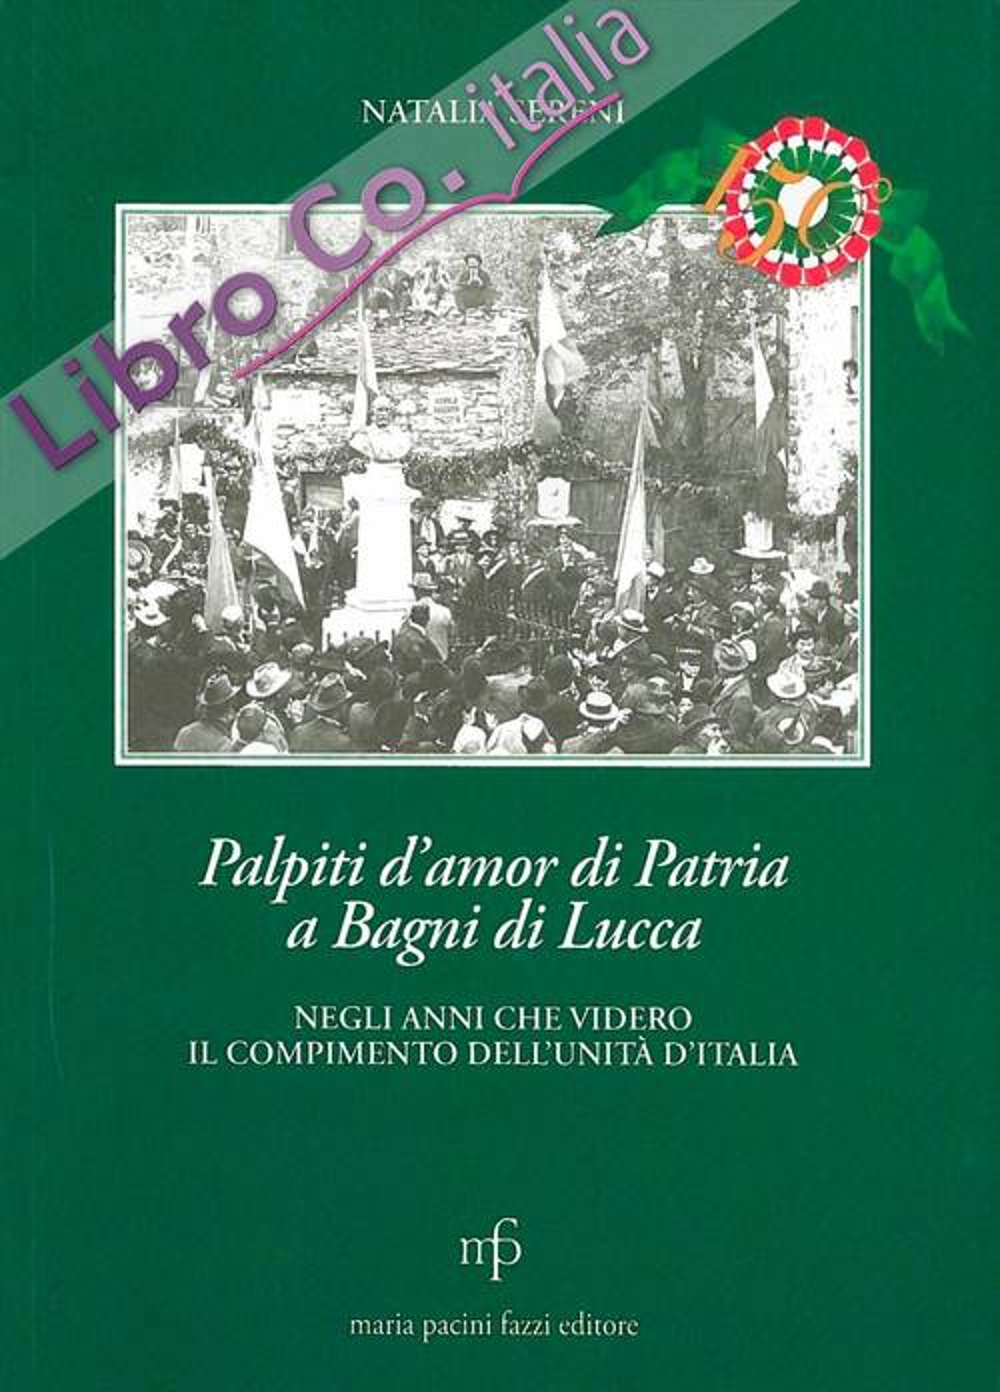 Palpiti d'amor di patria a Bagni di Lucca negli anni che videro il compimento dell'unità d'Italia